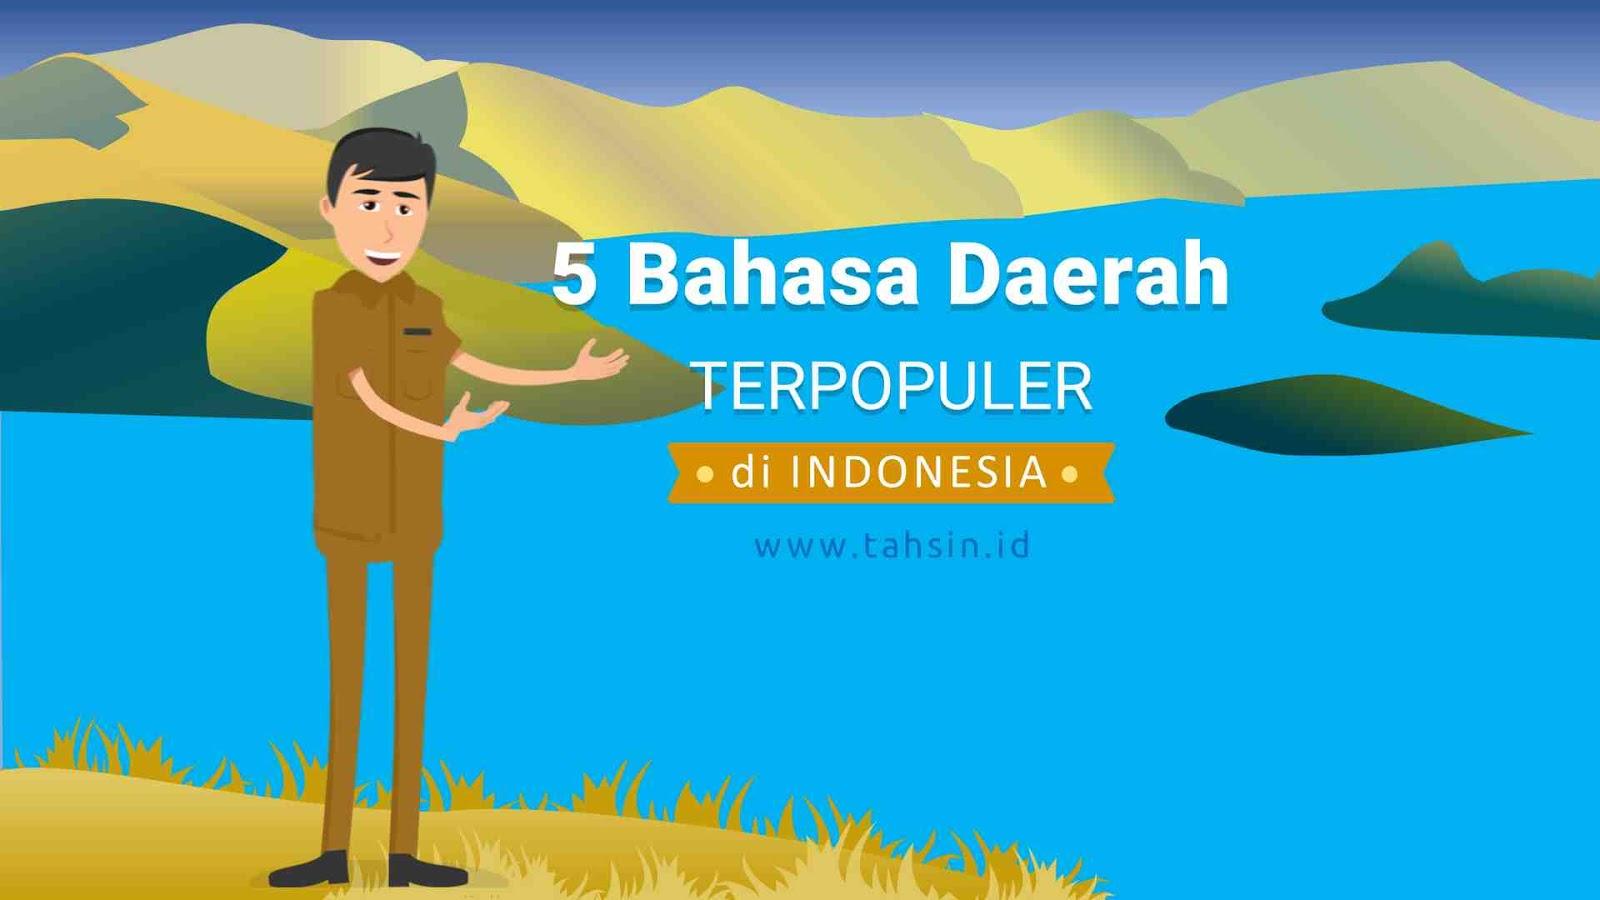 5 bahasa daerah terpopuler di indonesia